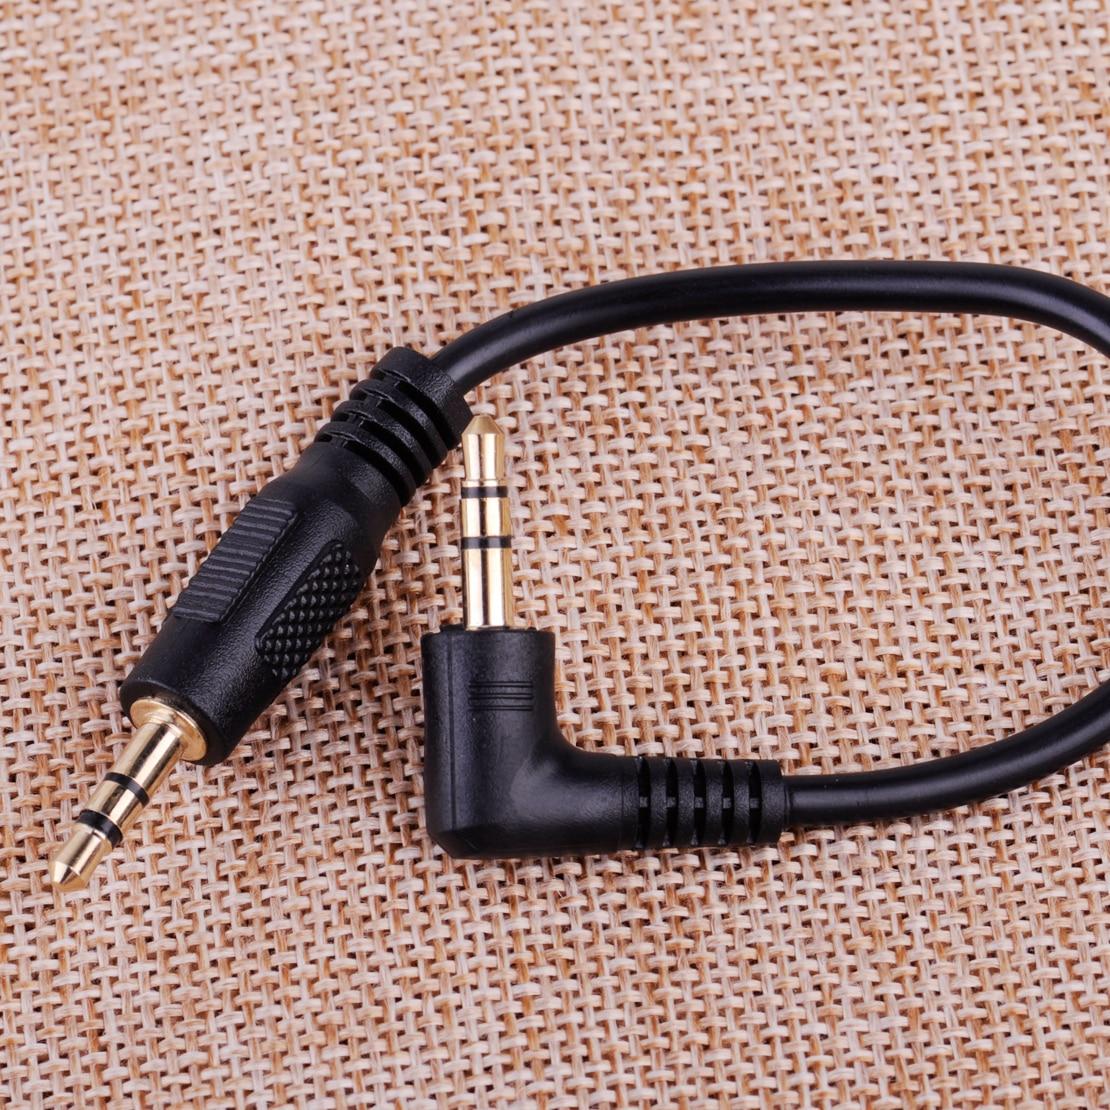 CITALL Car 10 см Короткий Правый Угол папа-папа 3,5 мм Aux Джек сотовый телефон динамик аудио кабель адаптер